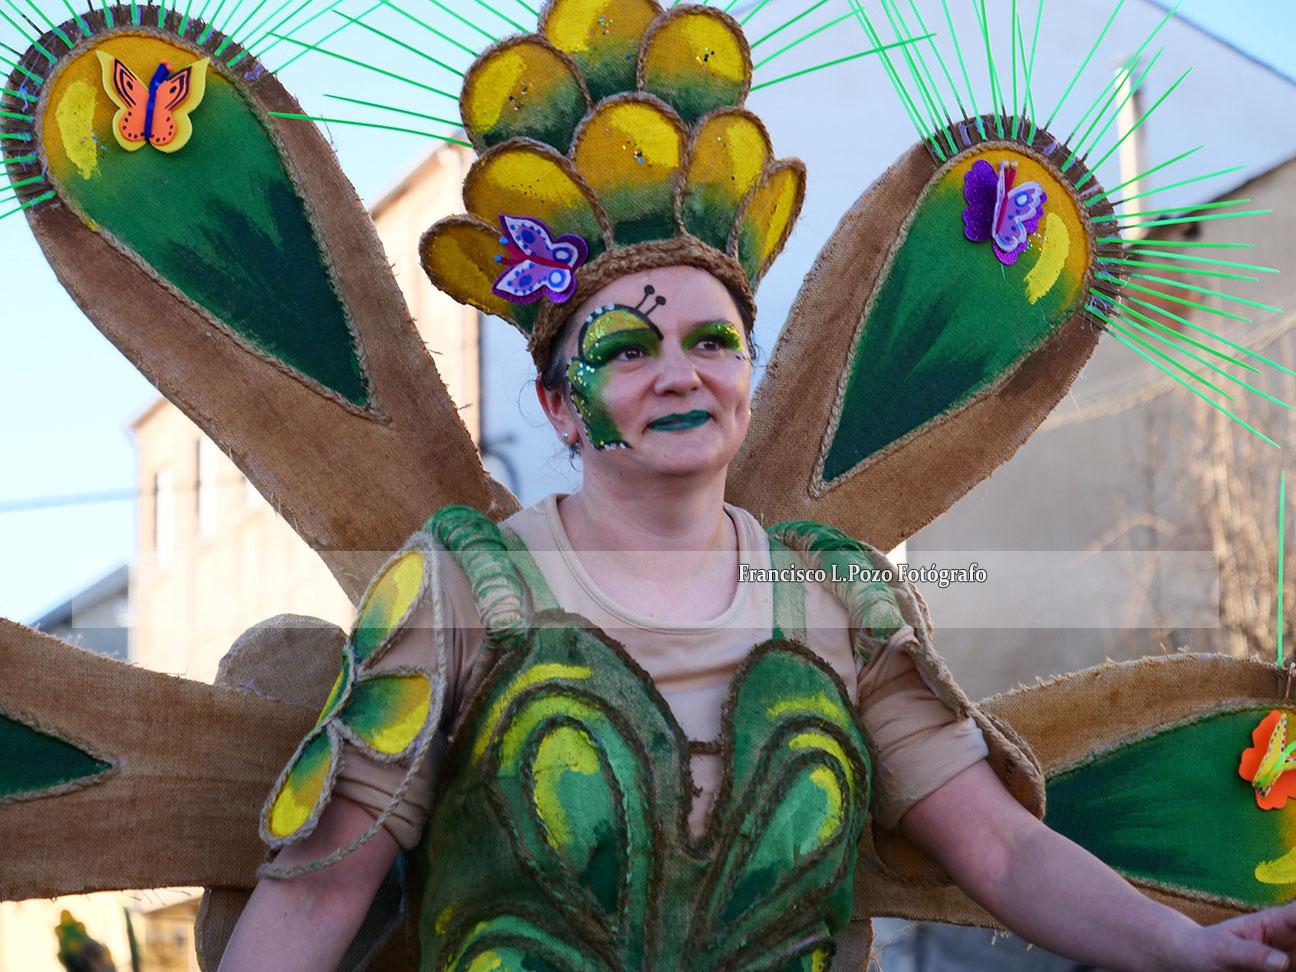 Carnaval 2020: Camponaraya sale a la calle a ritmo de comparsa 85